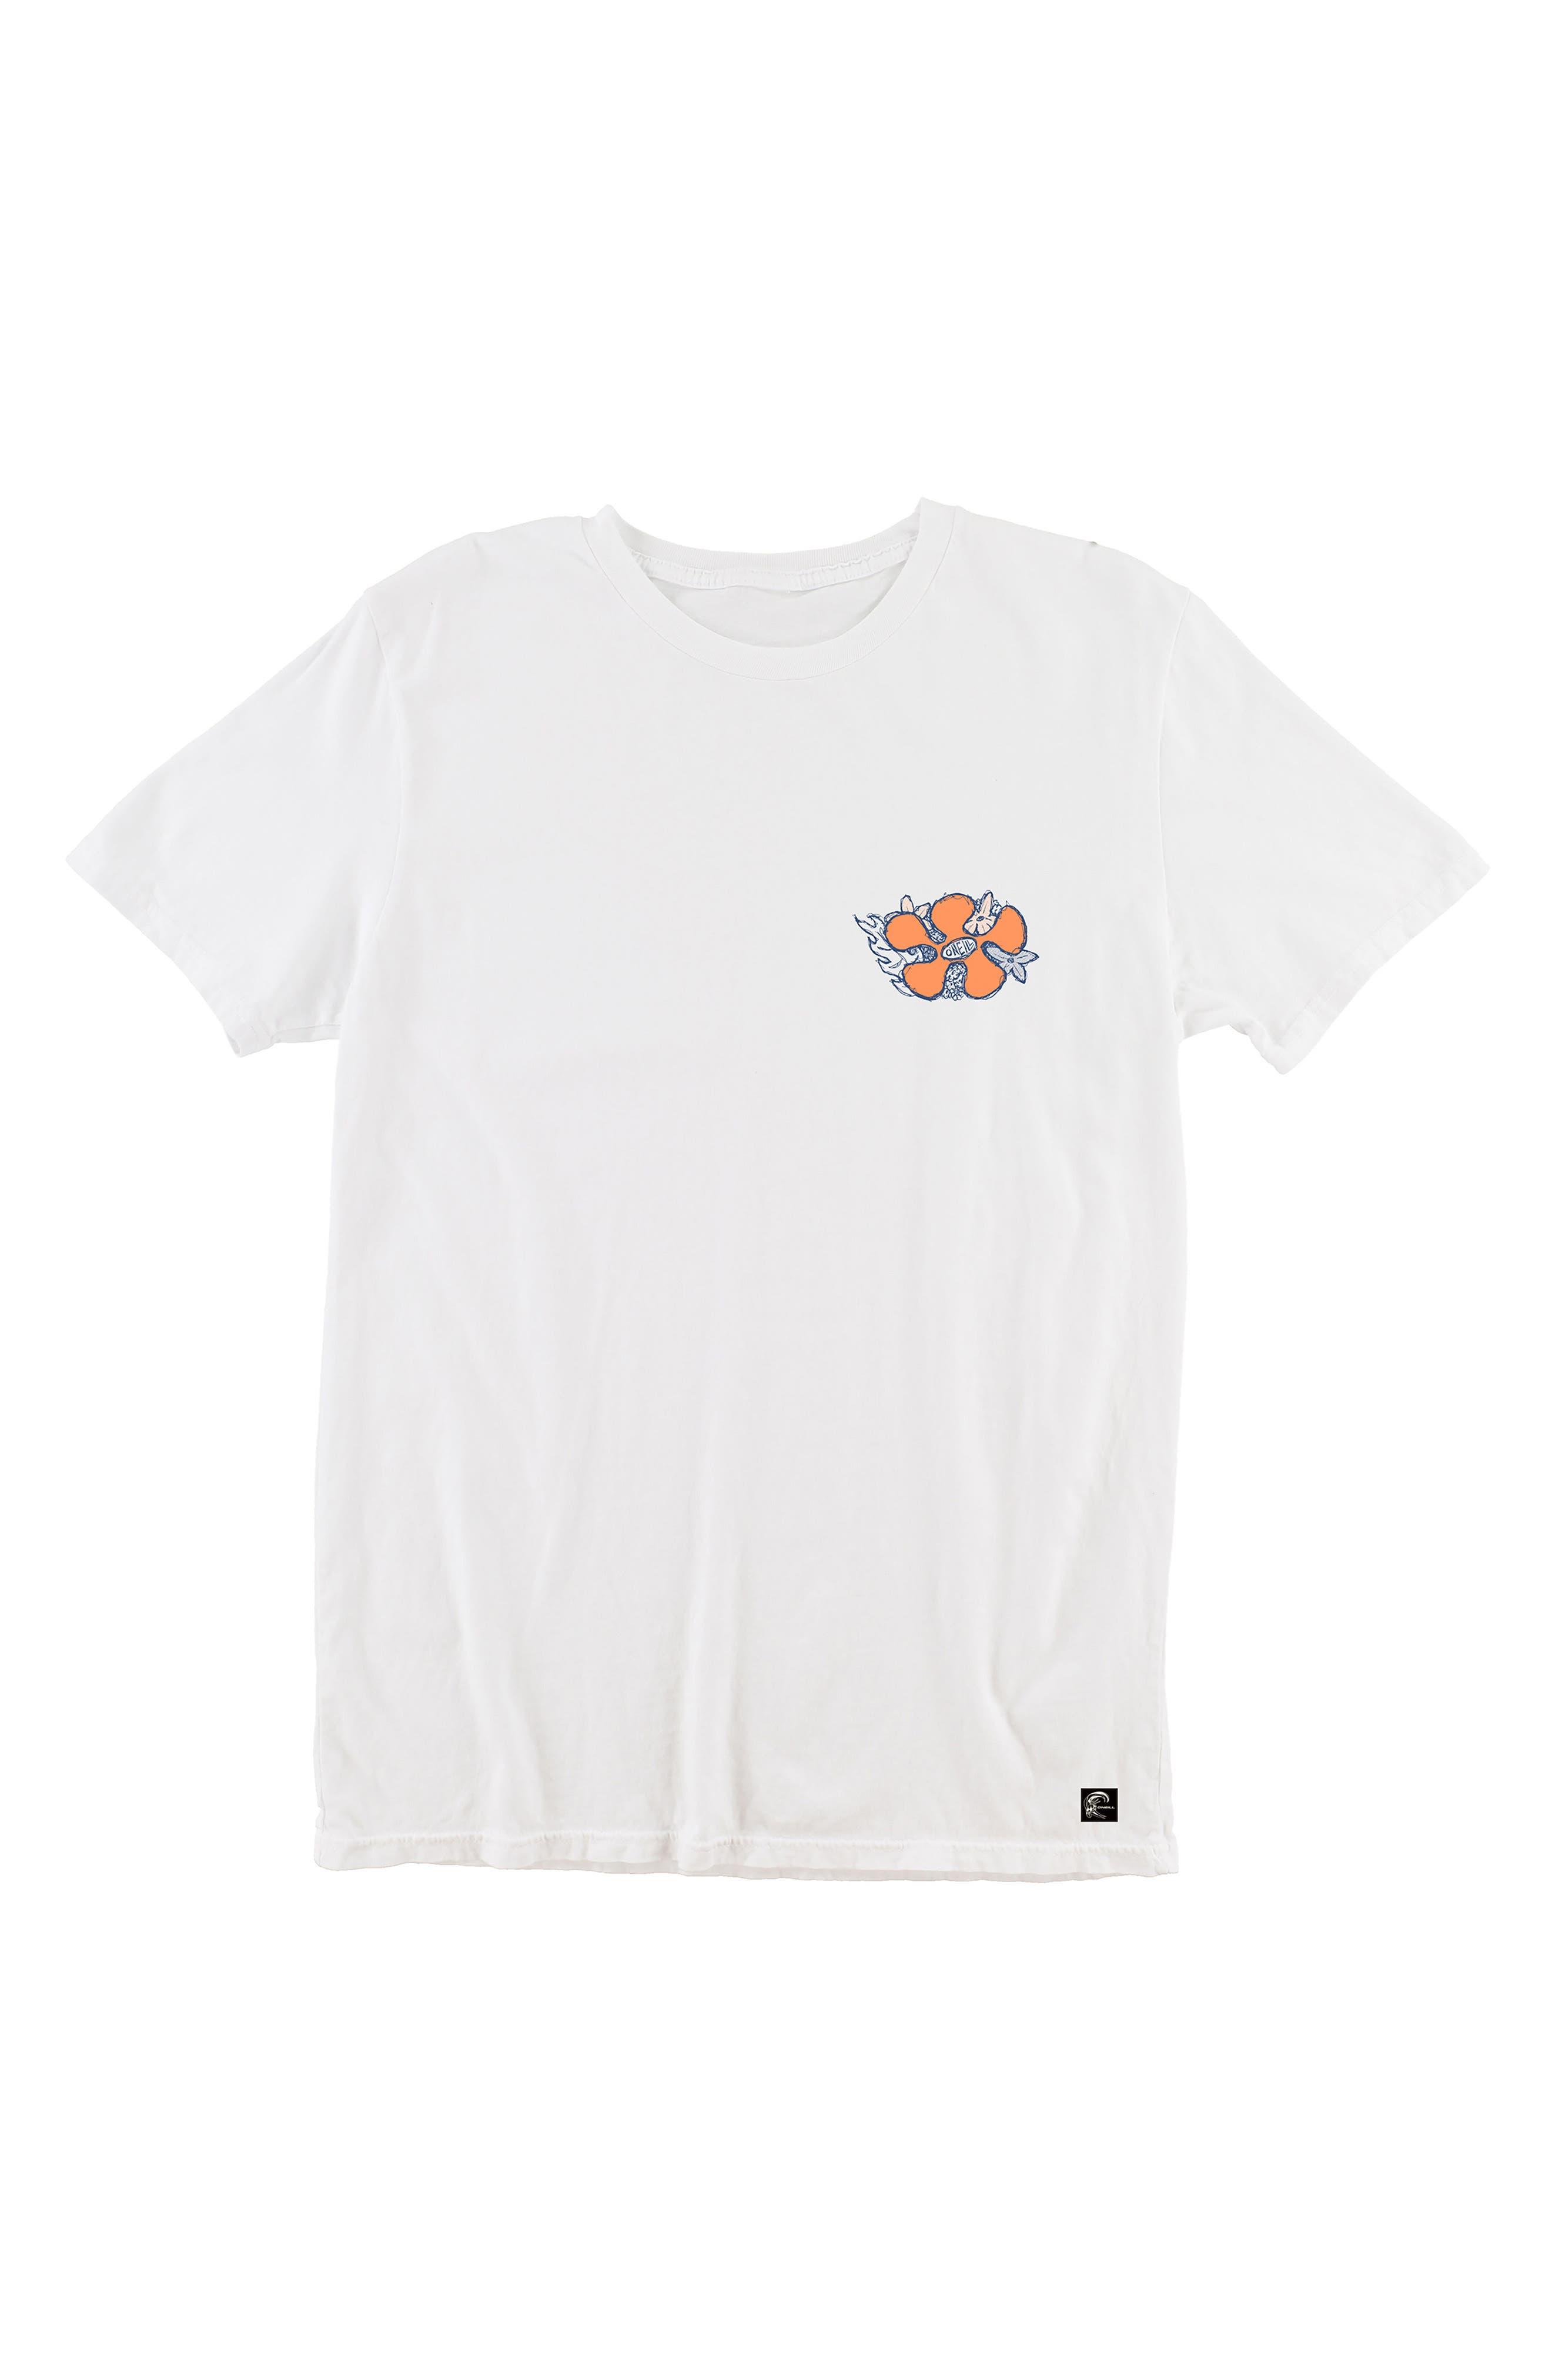 Simich T-Shirt,                         Main,                         color, White